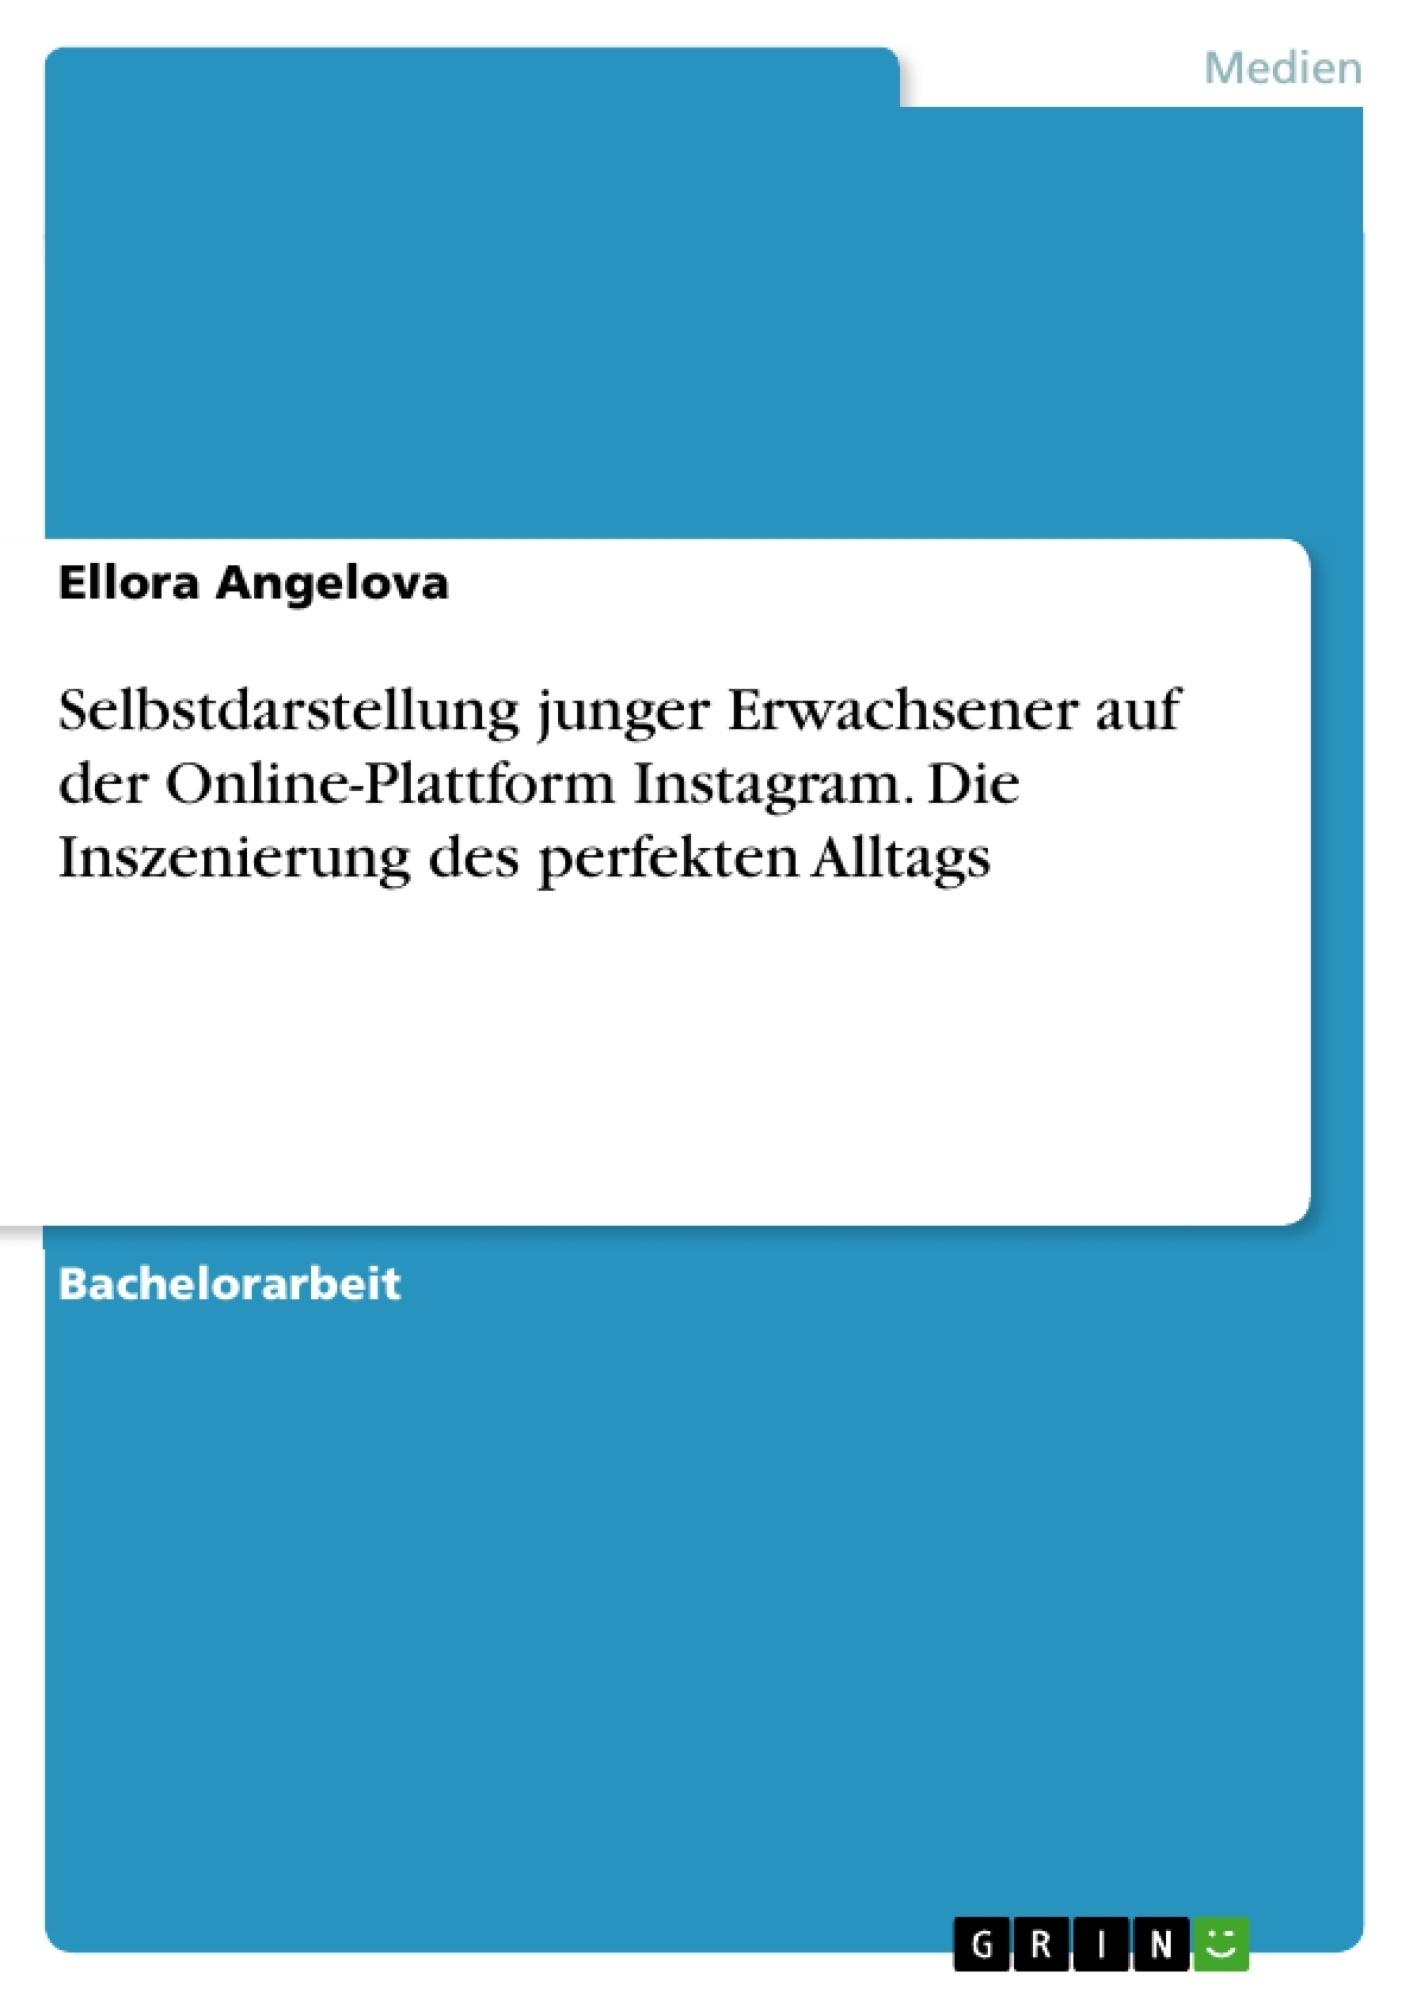 Titel: Selbstdarstellung junger Erwachsener auf der Online-Plattform Instagram. Die Inszenierung des perfekten Alltags